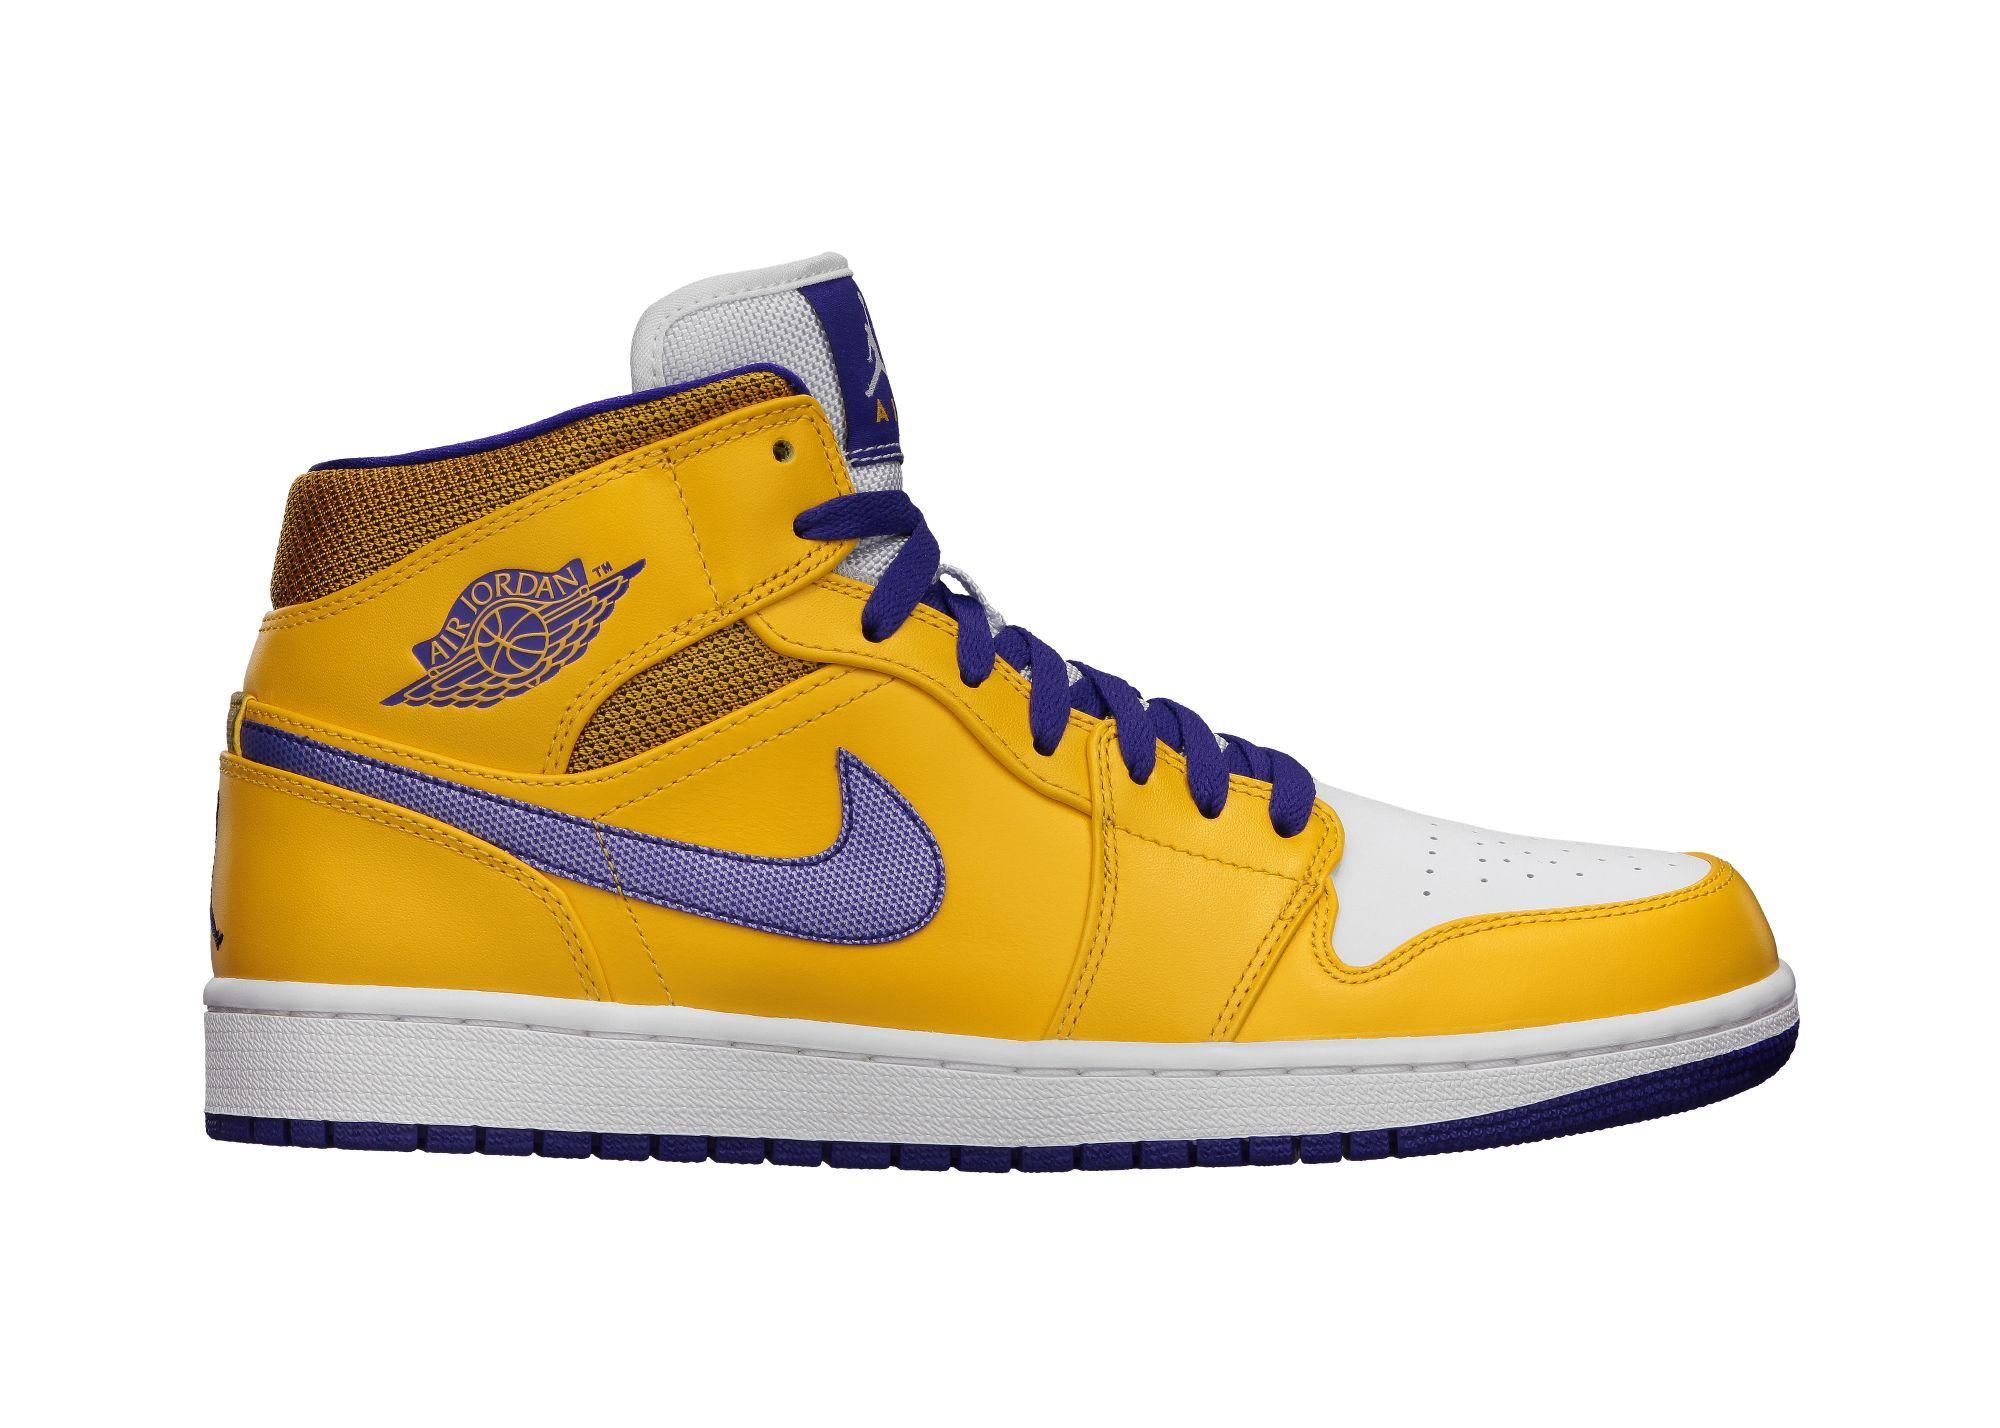 112162b399f #17 Nike Air Jordan 1 Retro Lakers colorway Bought at Niketown Seattle -  5/19/2013 $105